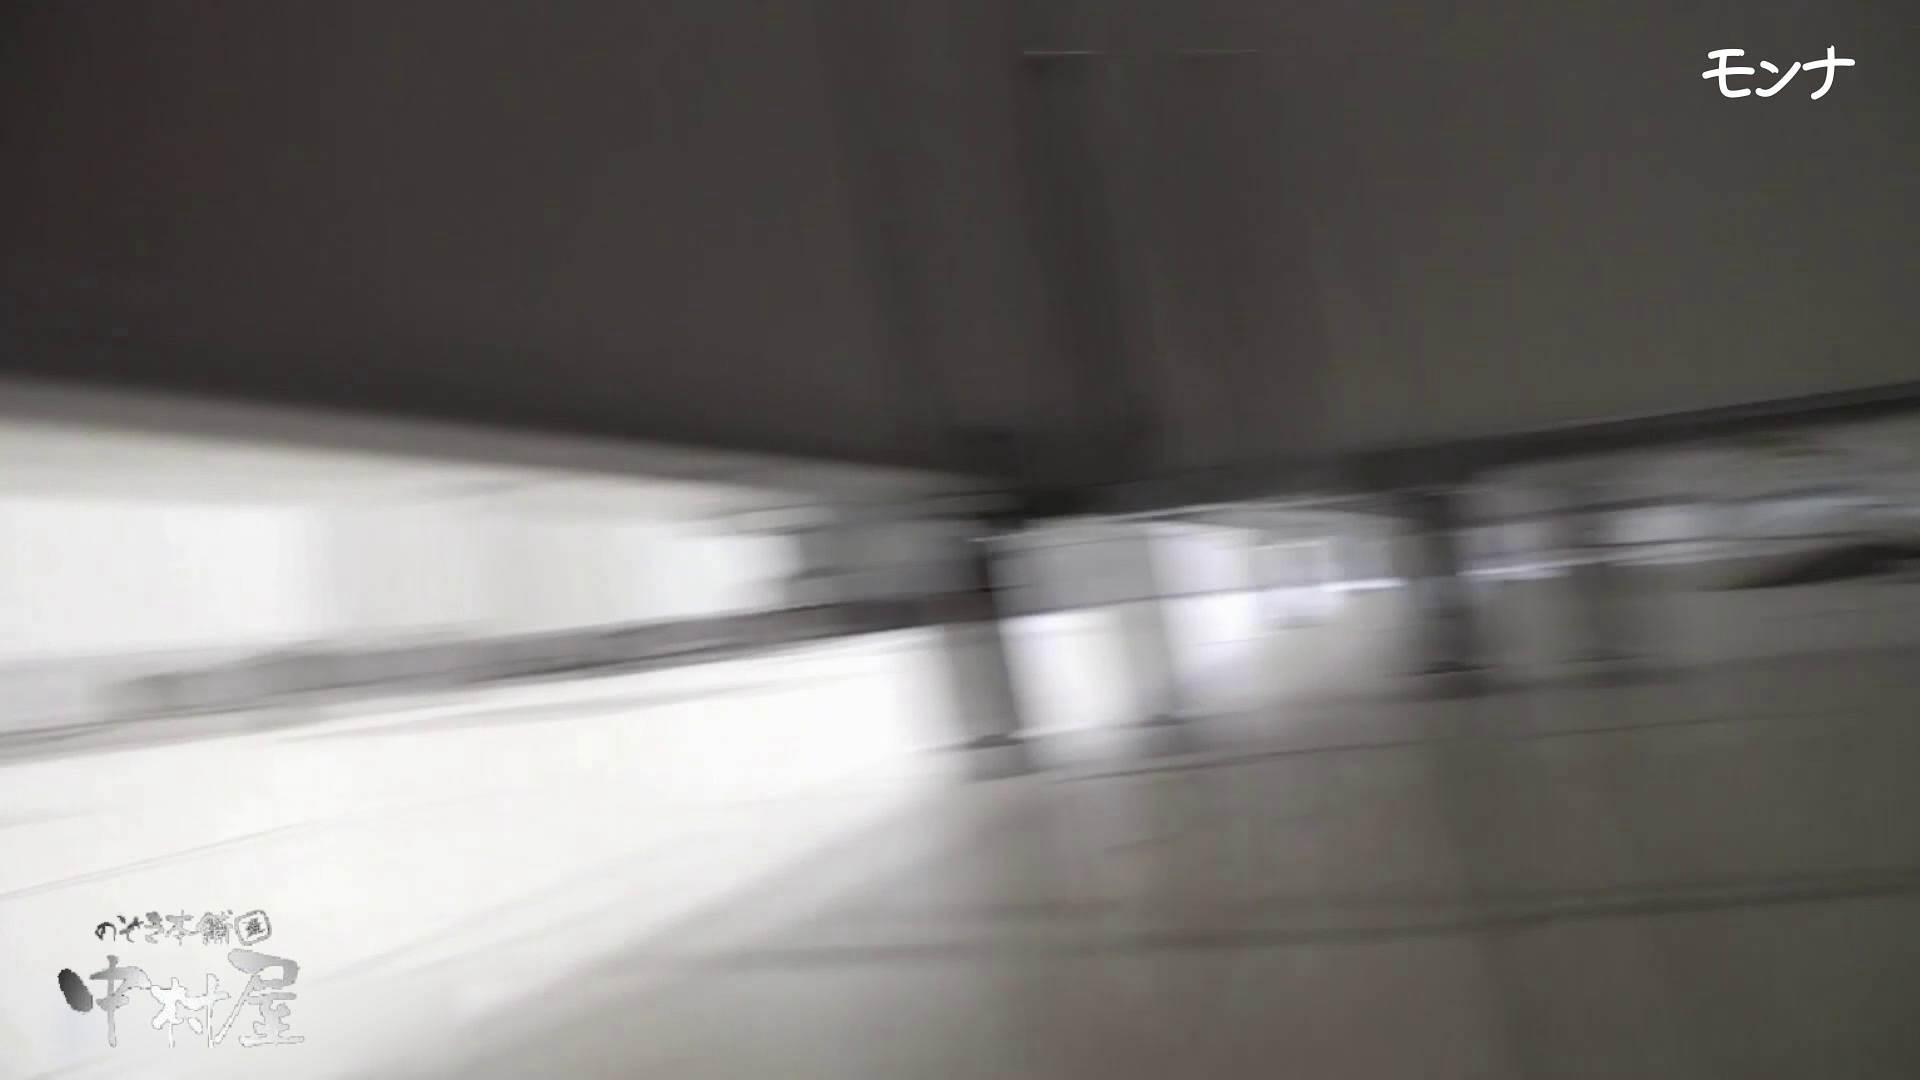 【美しい日本の未来】美しい日本の未来 No.72 絶秒なバックショット バックショット  54画像 28